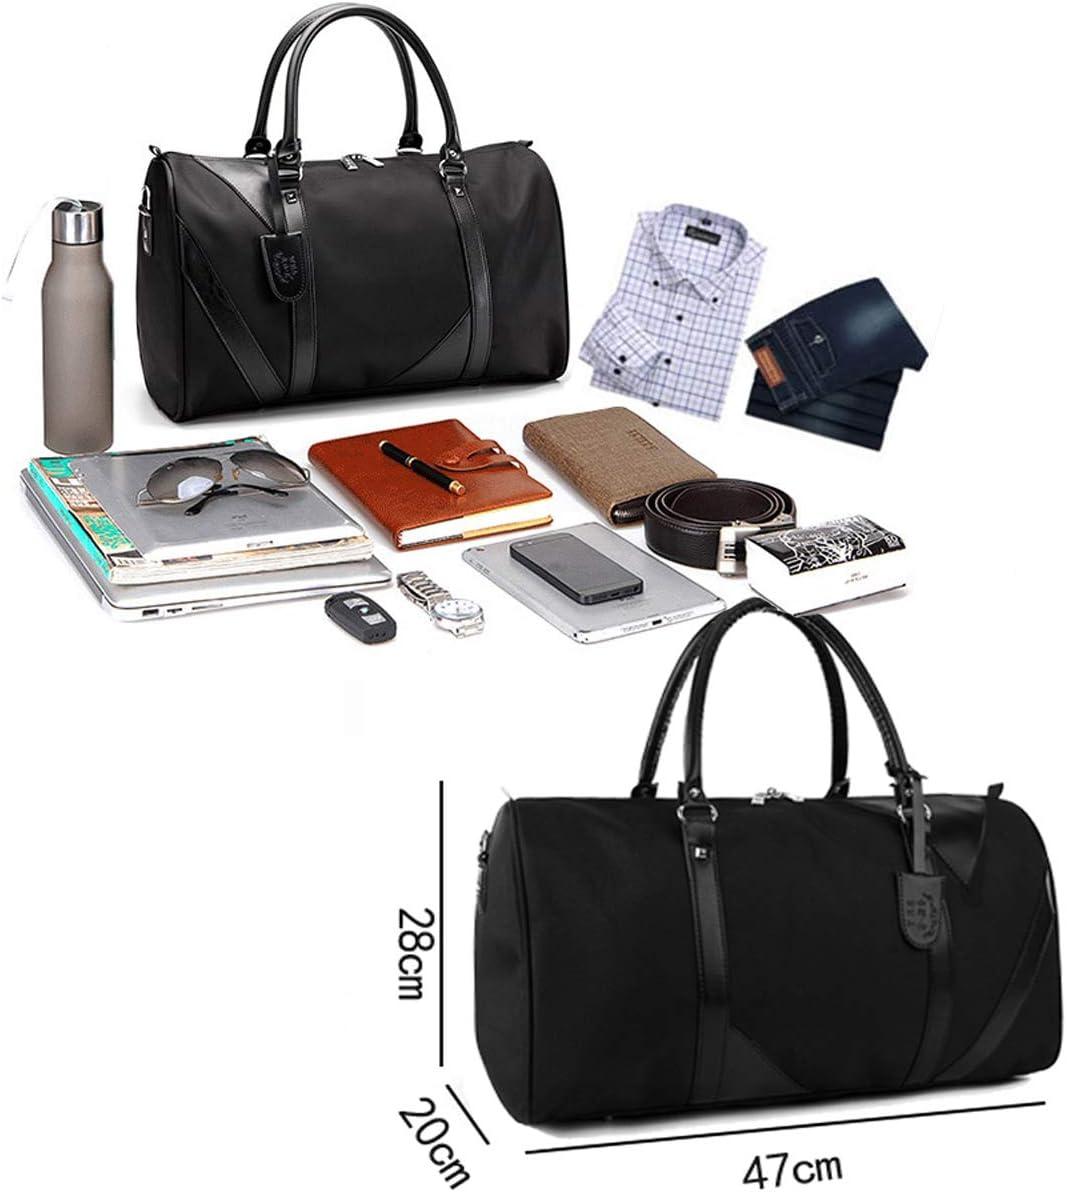 Vohoney Sporttasche Reisetasche Weekender Schwimmtasche Schultertaschen Tasche f/ür Sport Fitness Gym Travel Bag Duffel Bag mit Schuhfach